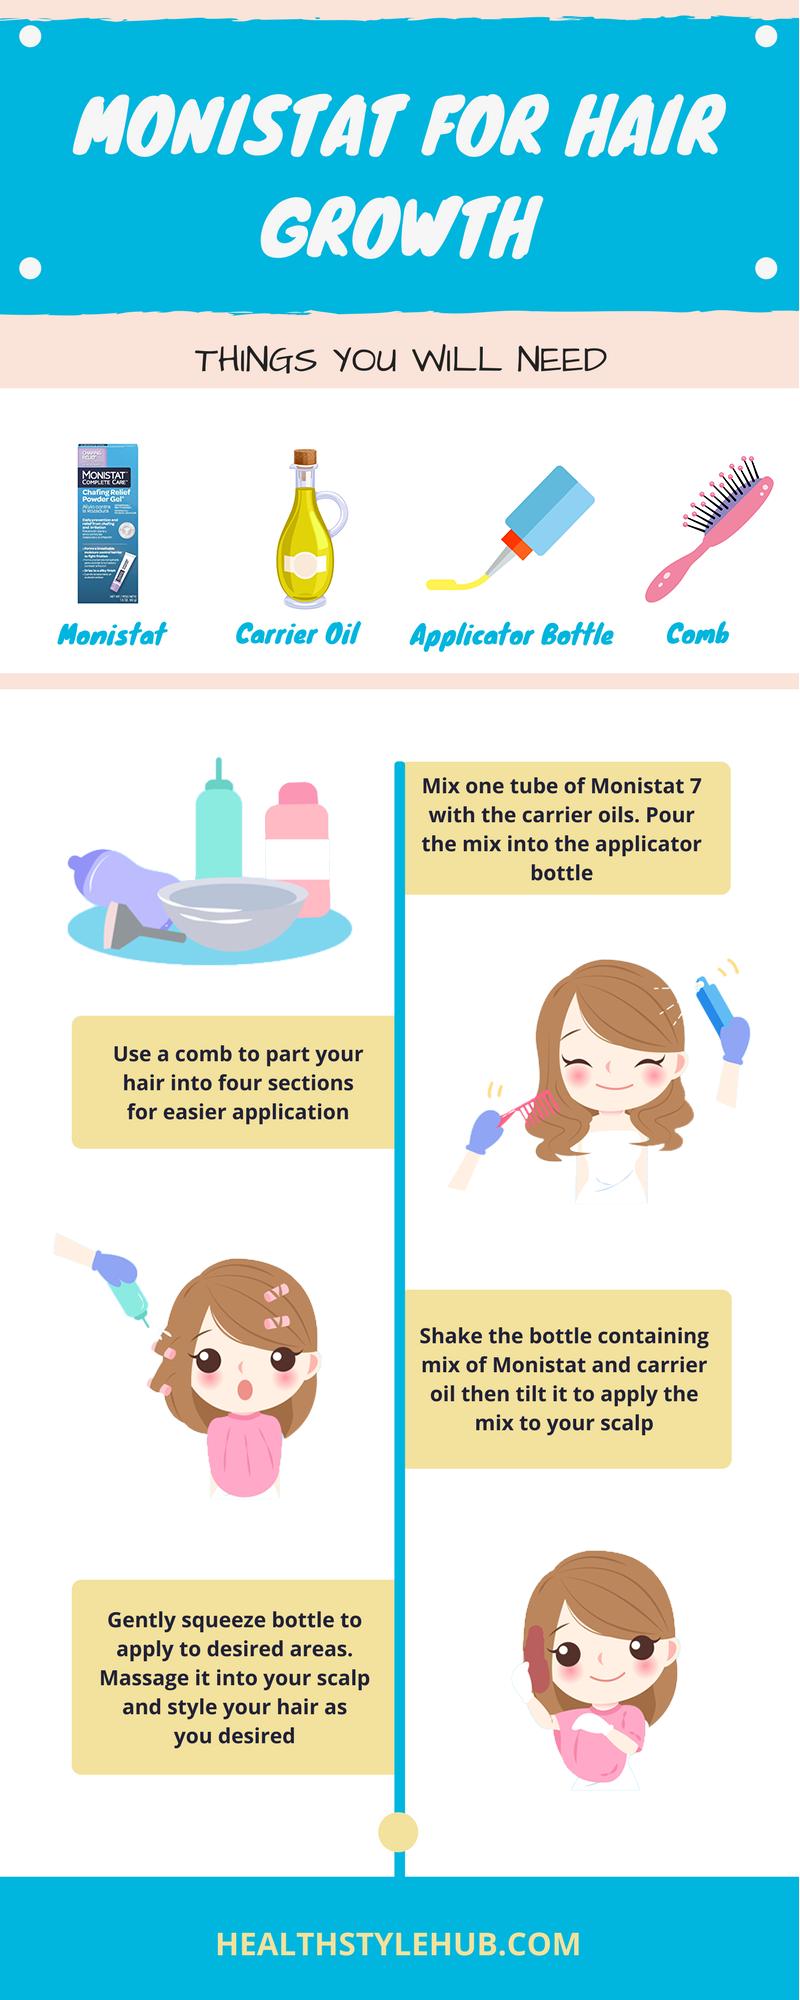 Monistat For Hair Growth Hair Growth Hair Loss Women Treatment Hair Growth Tips